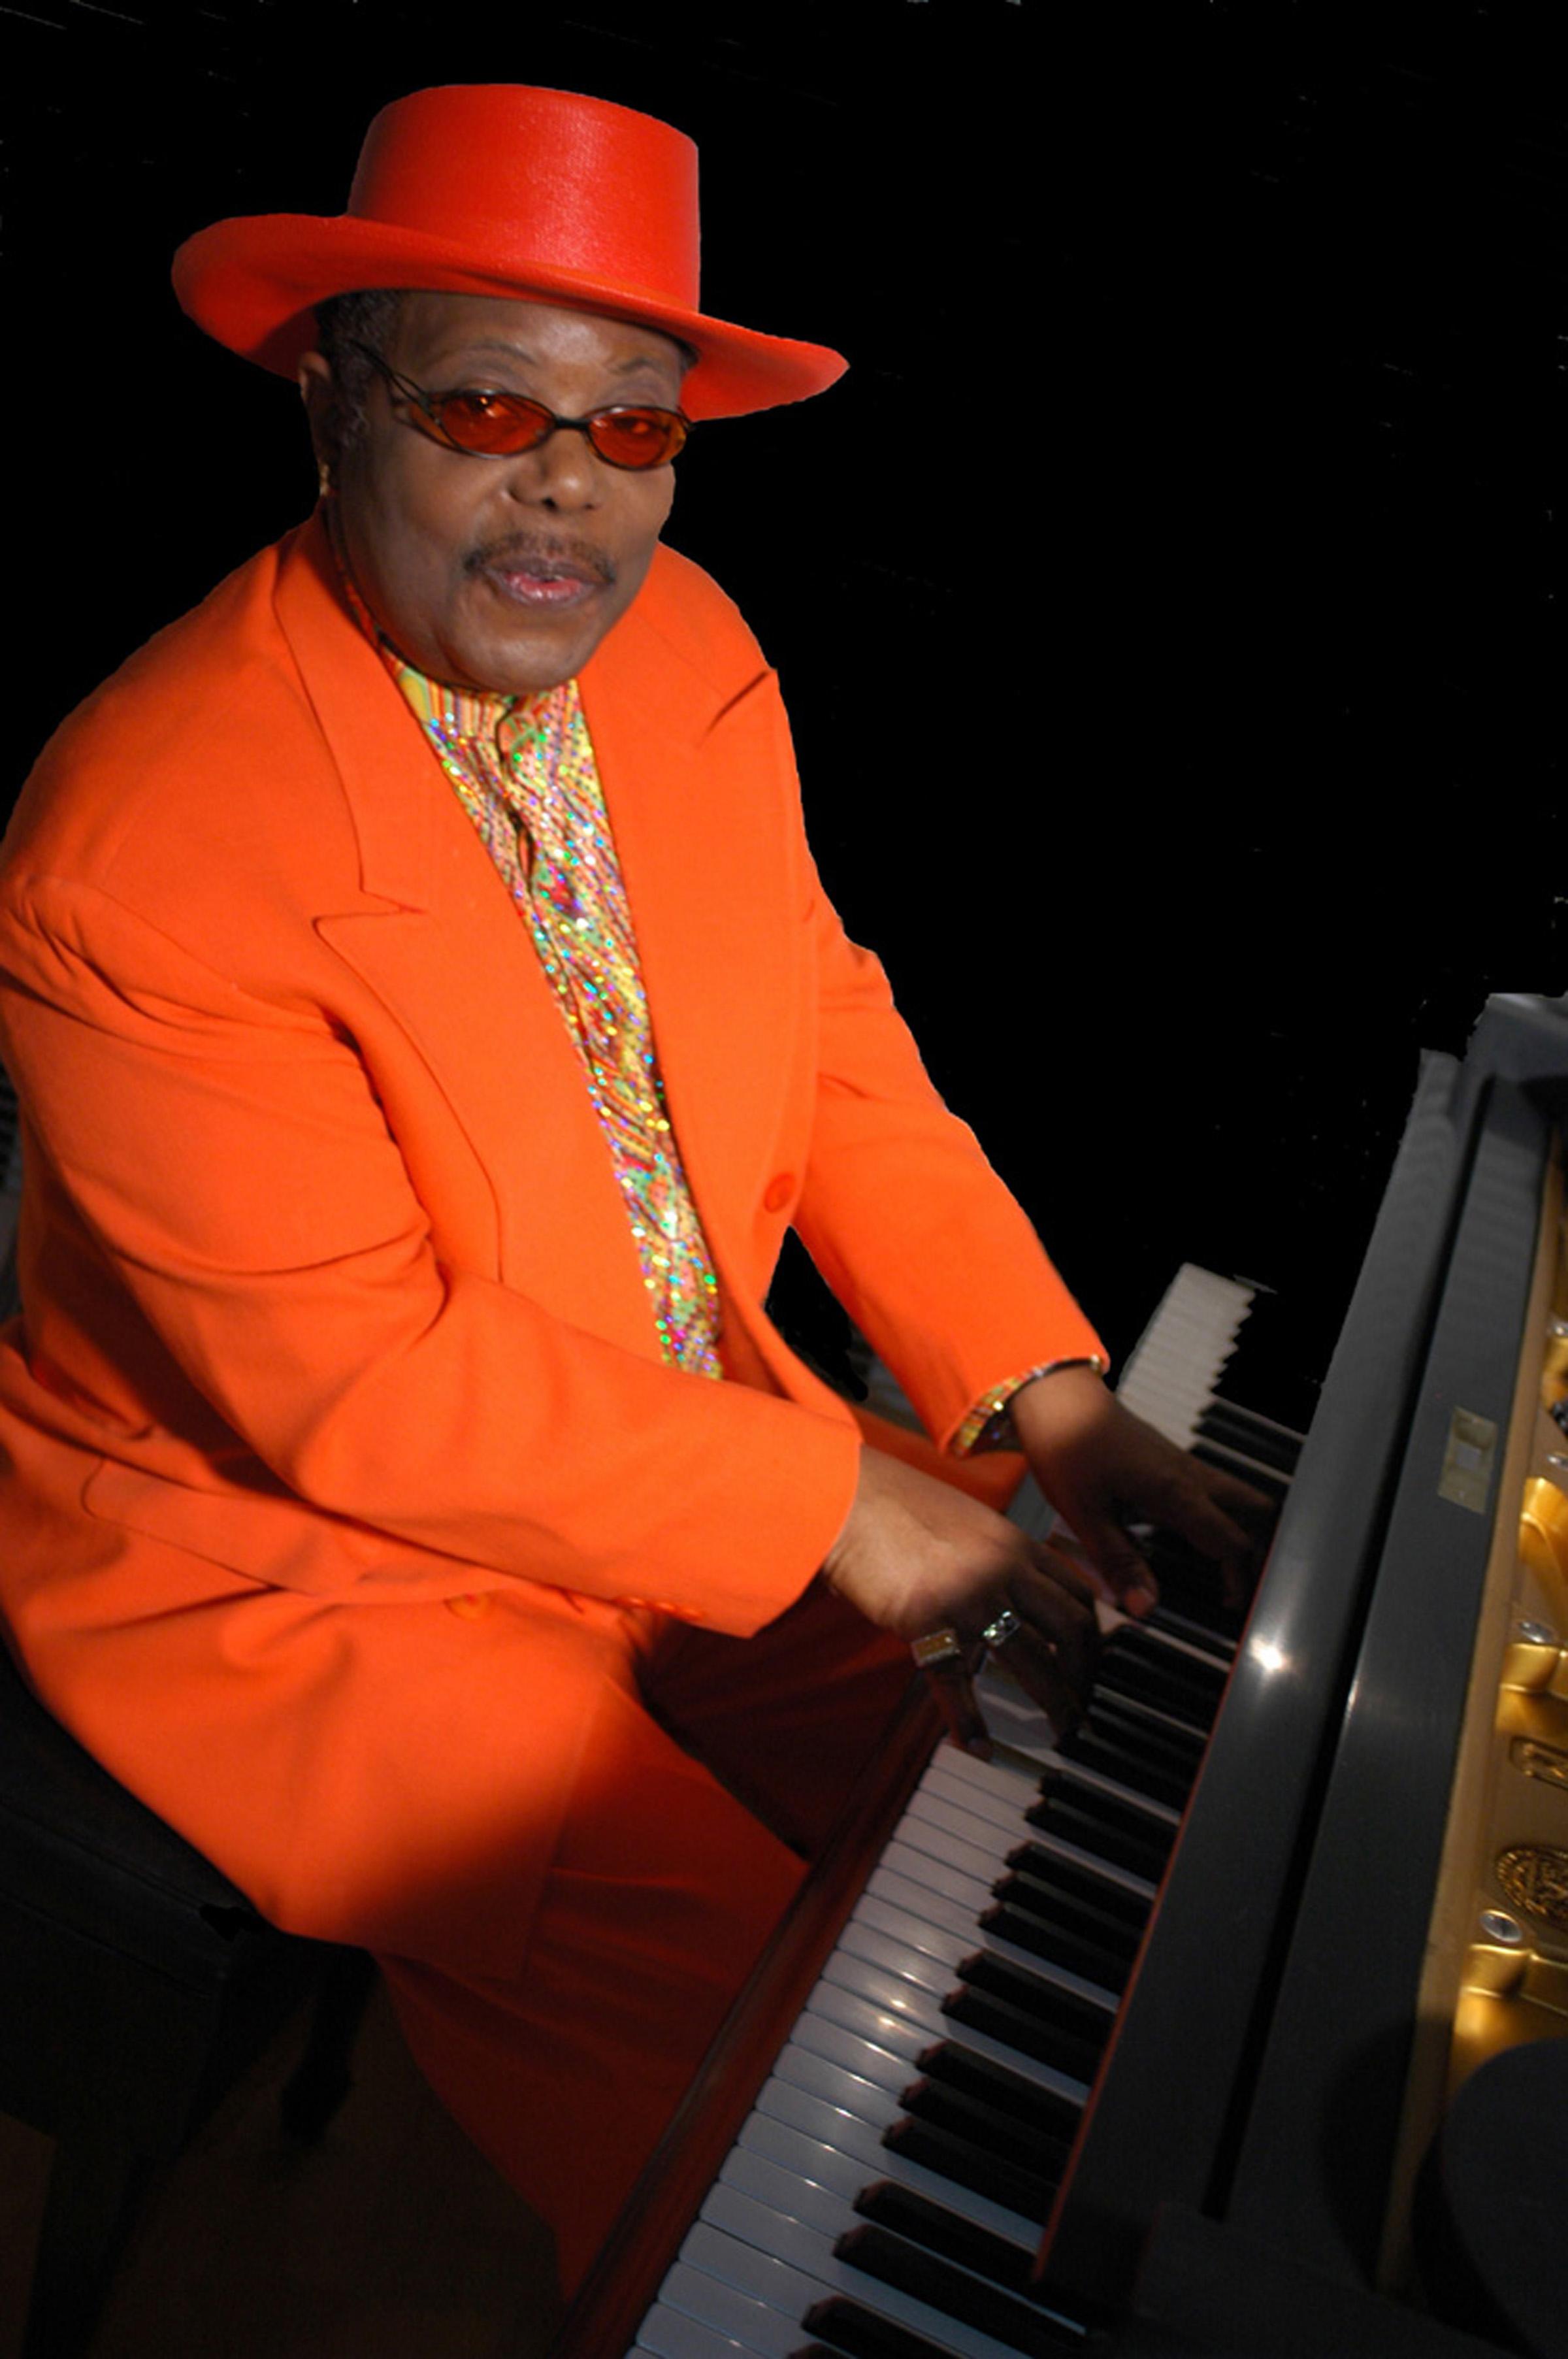 kenny blues boss wayne 1.JPG